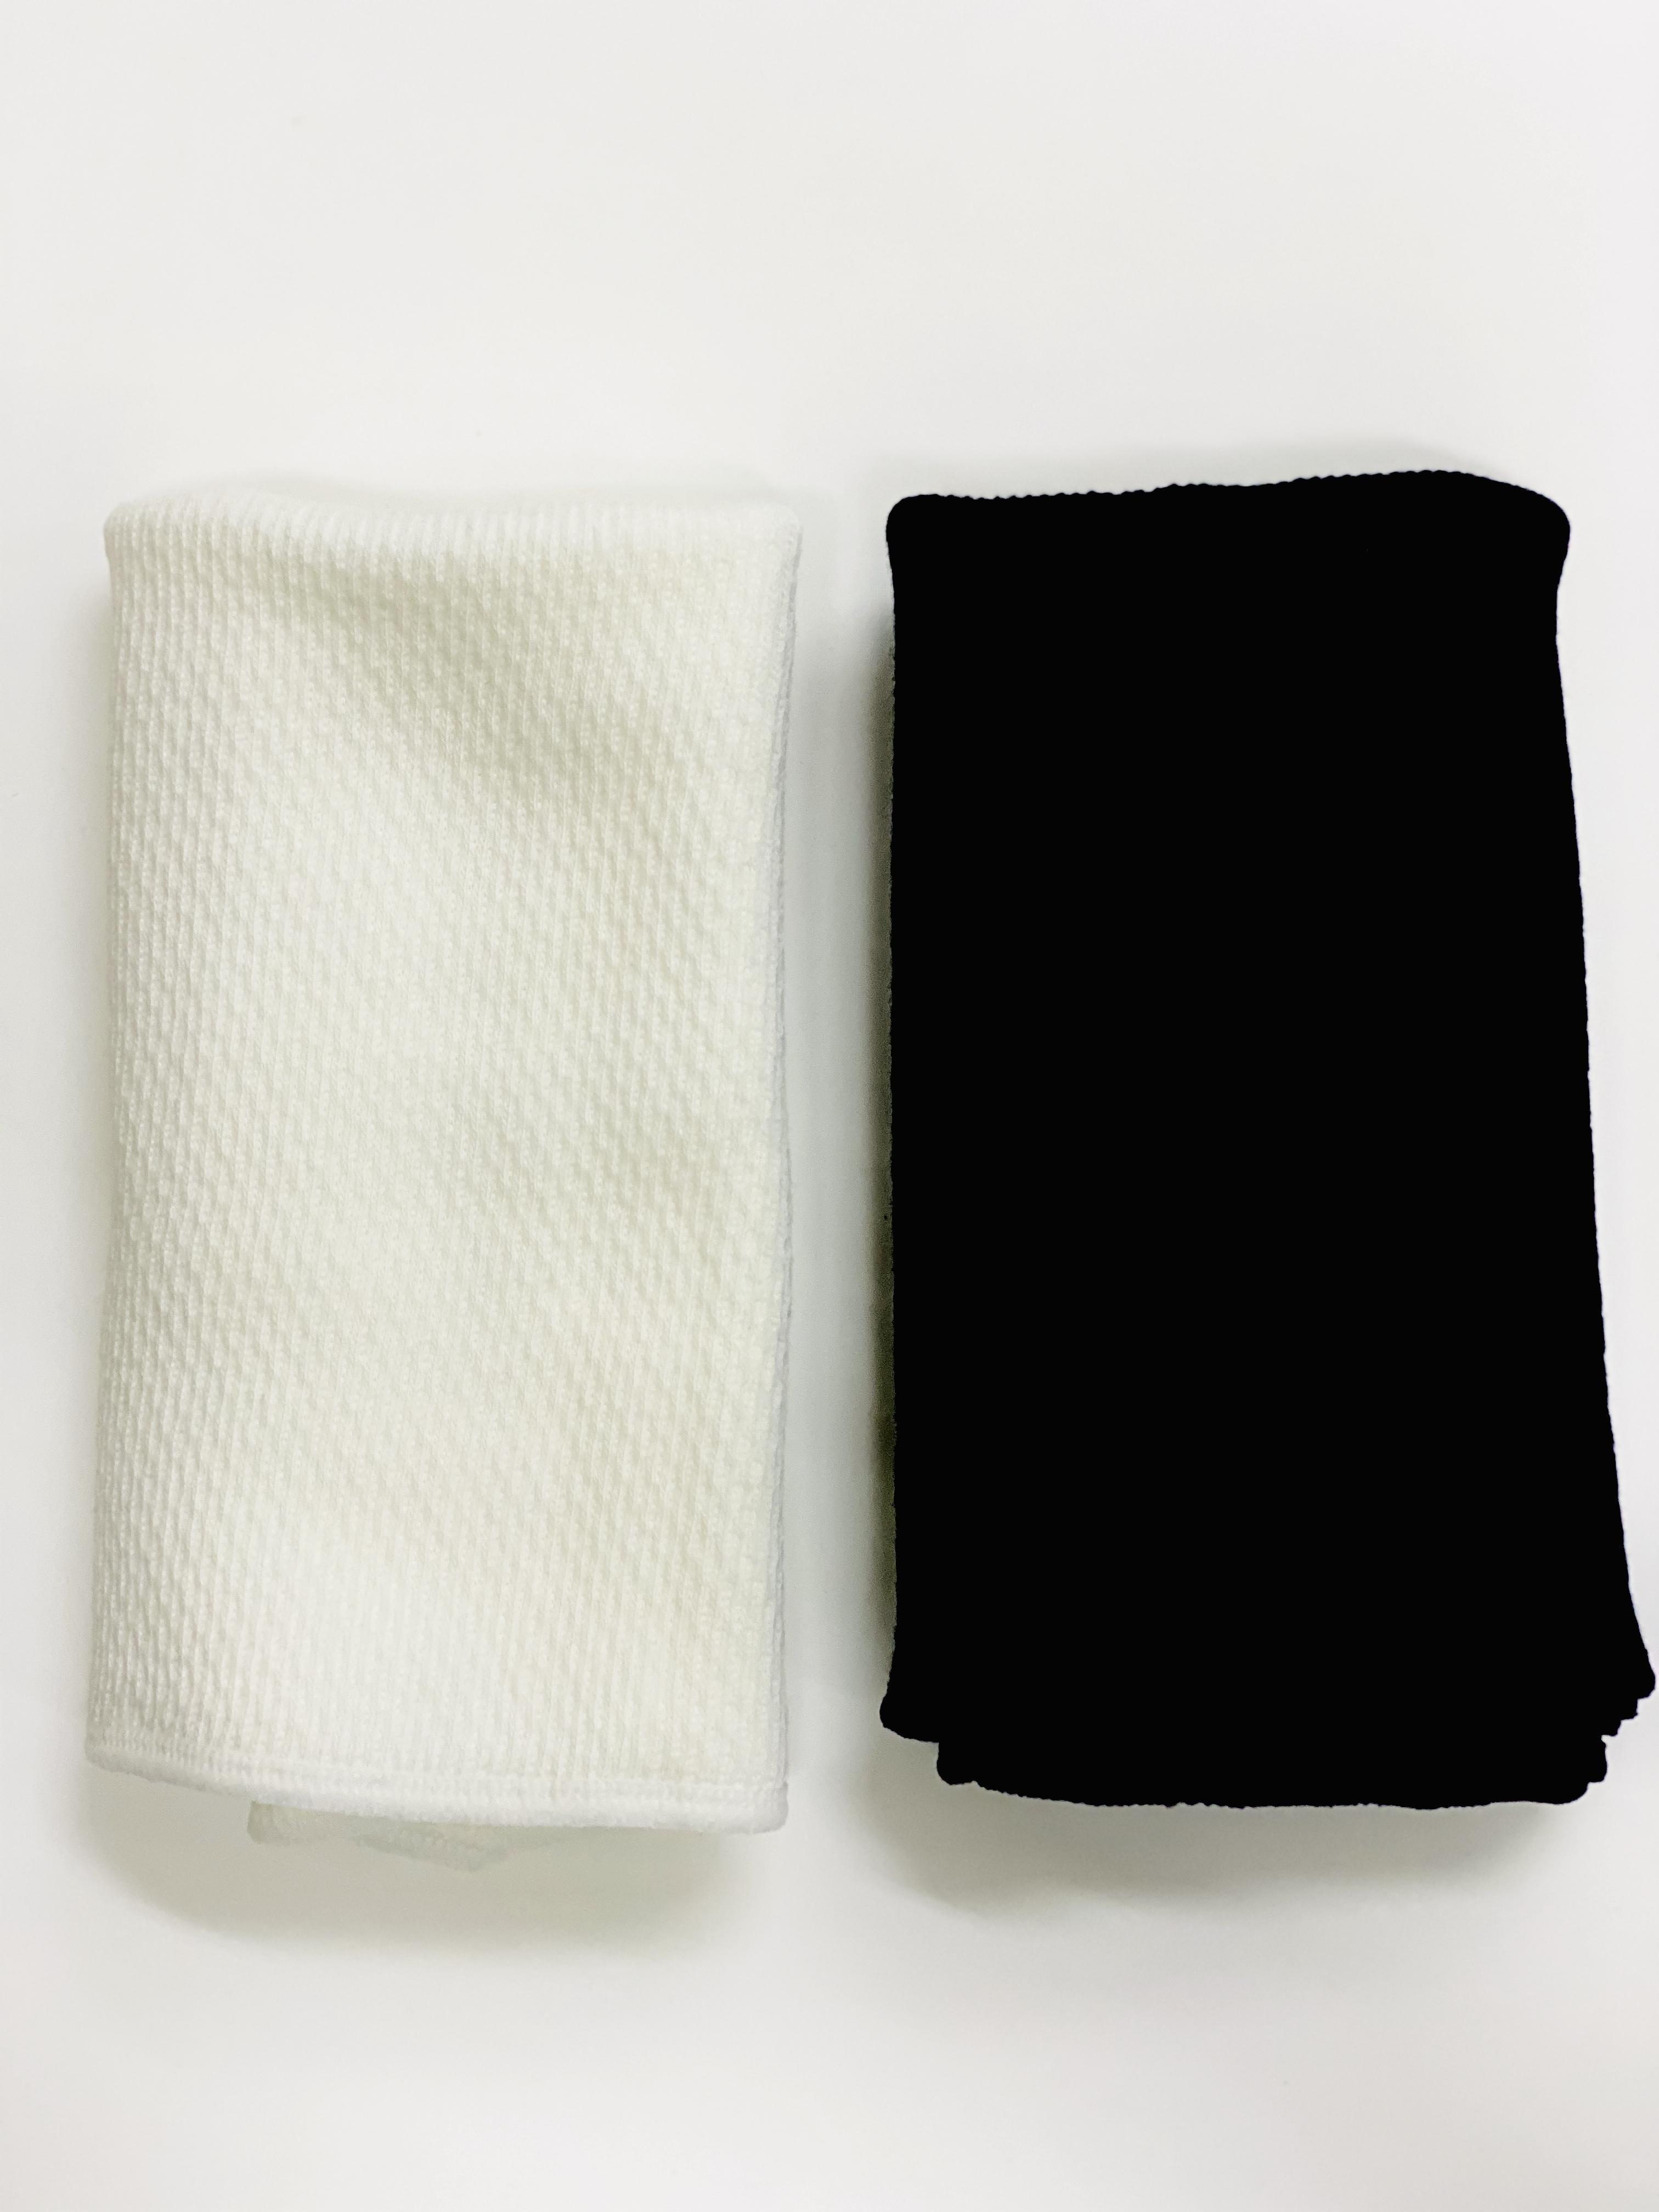 【日本製】シルク混のはらまき 『白と黒-2枚セット』